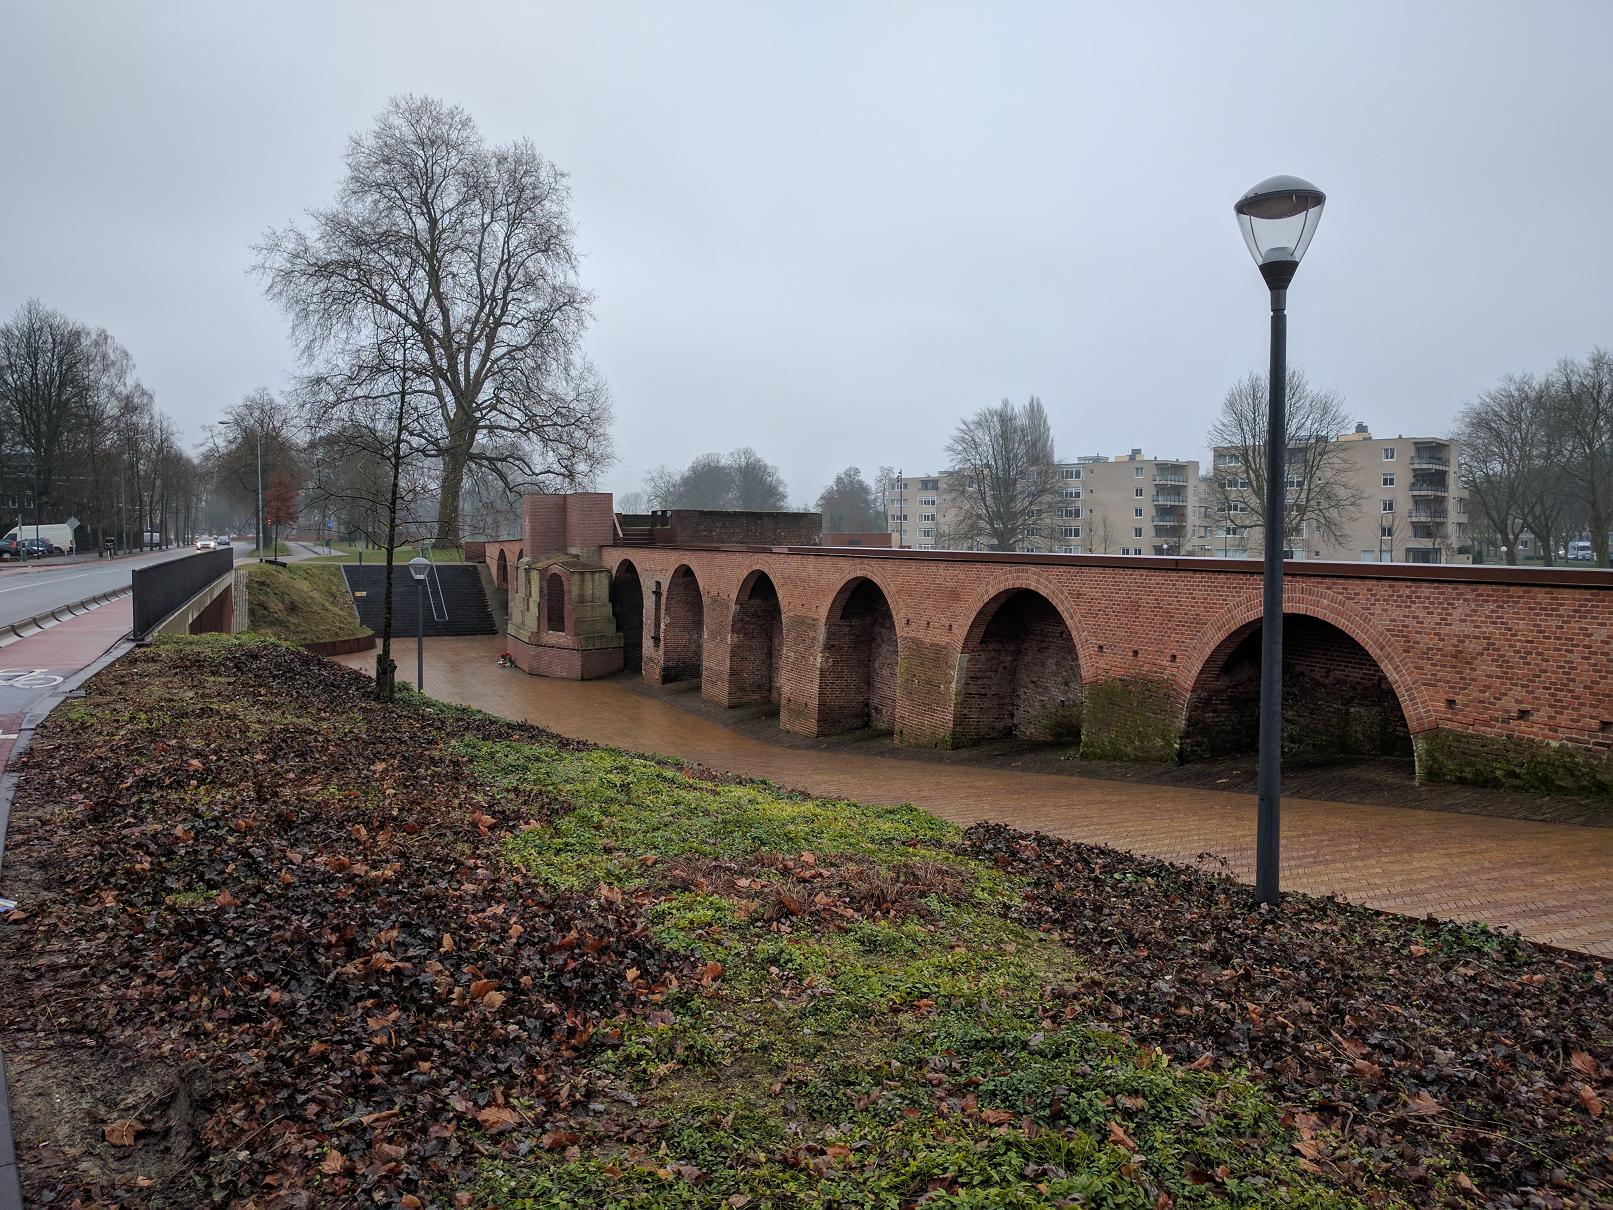 De stadsmuren van 's-Hertogenbosch